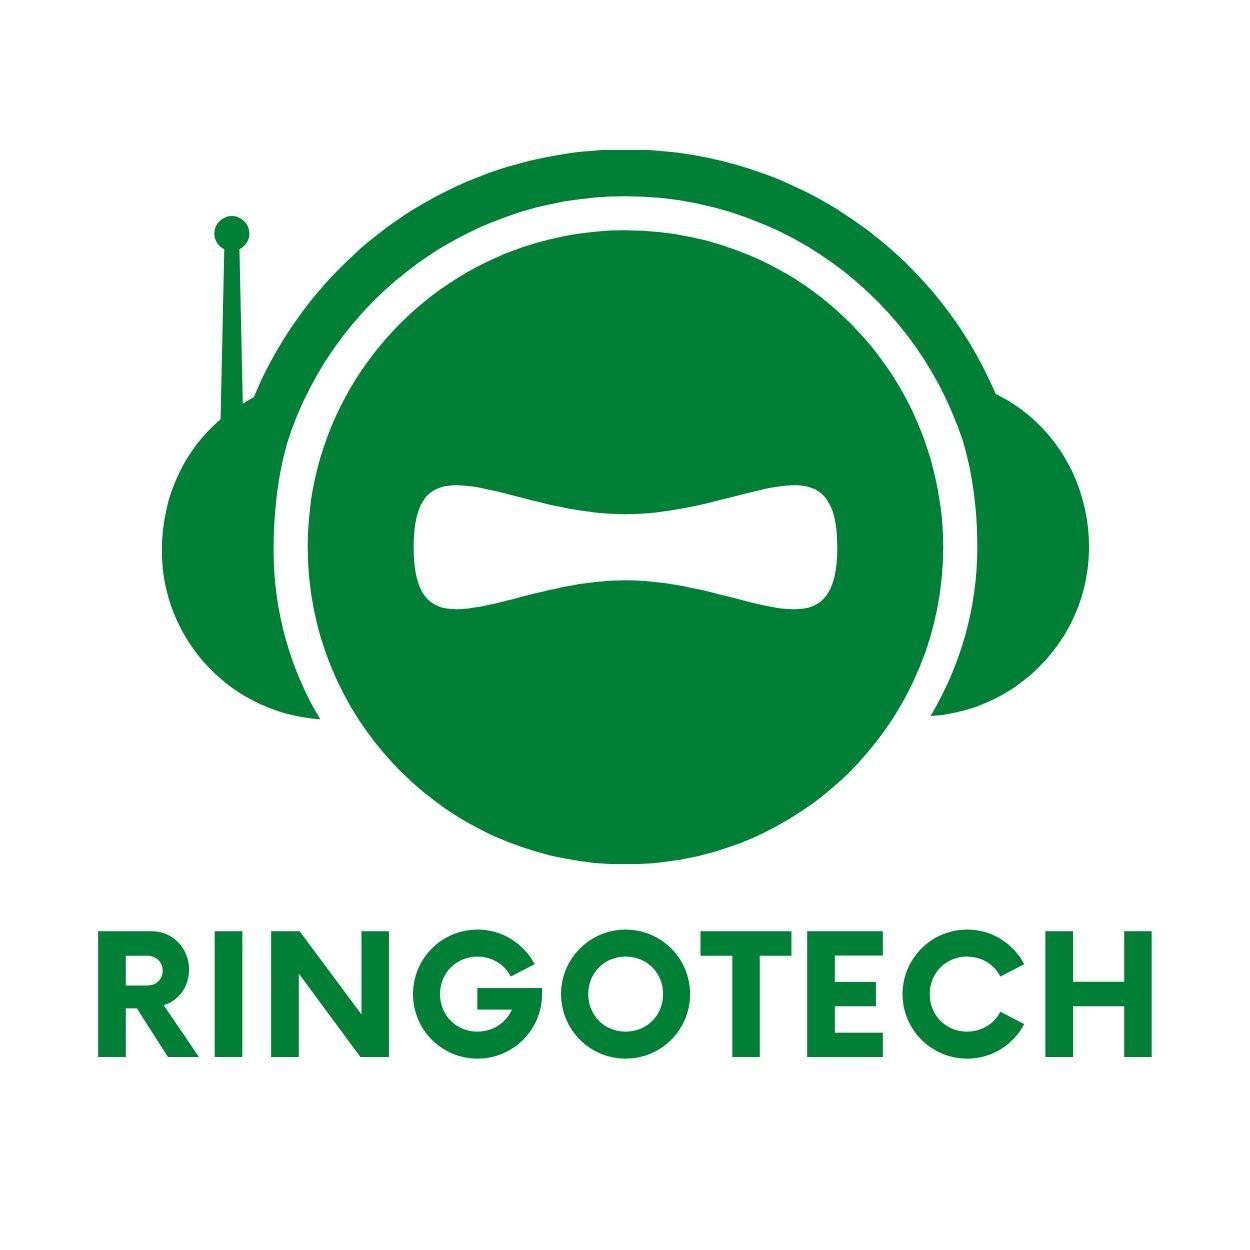 RINGOTECH d.o.o